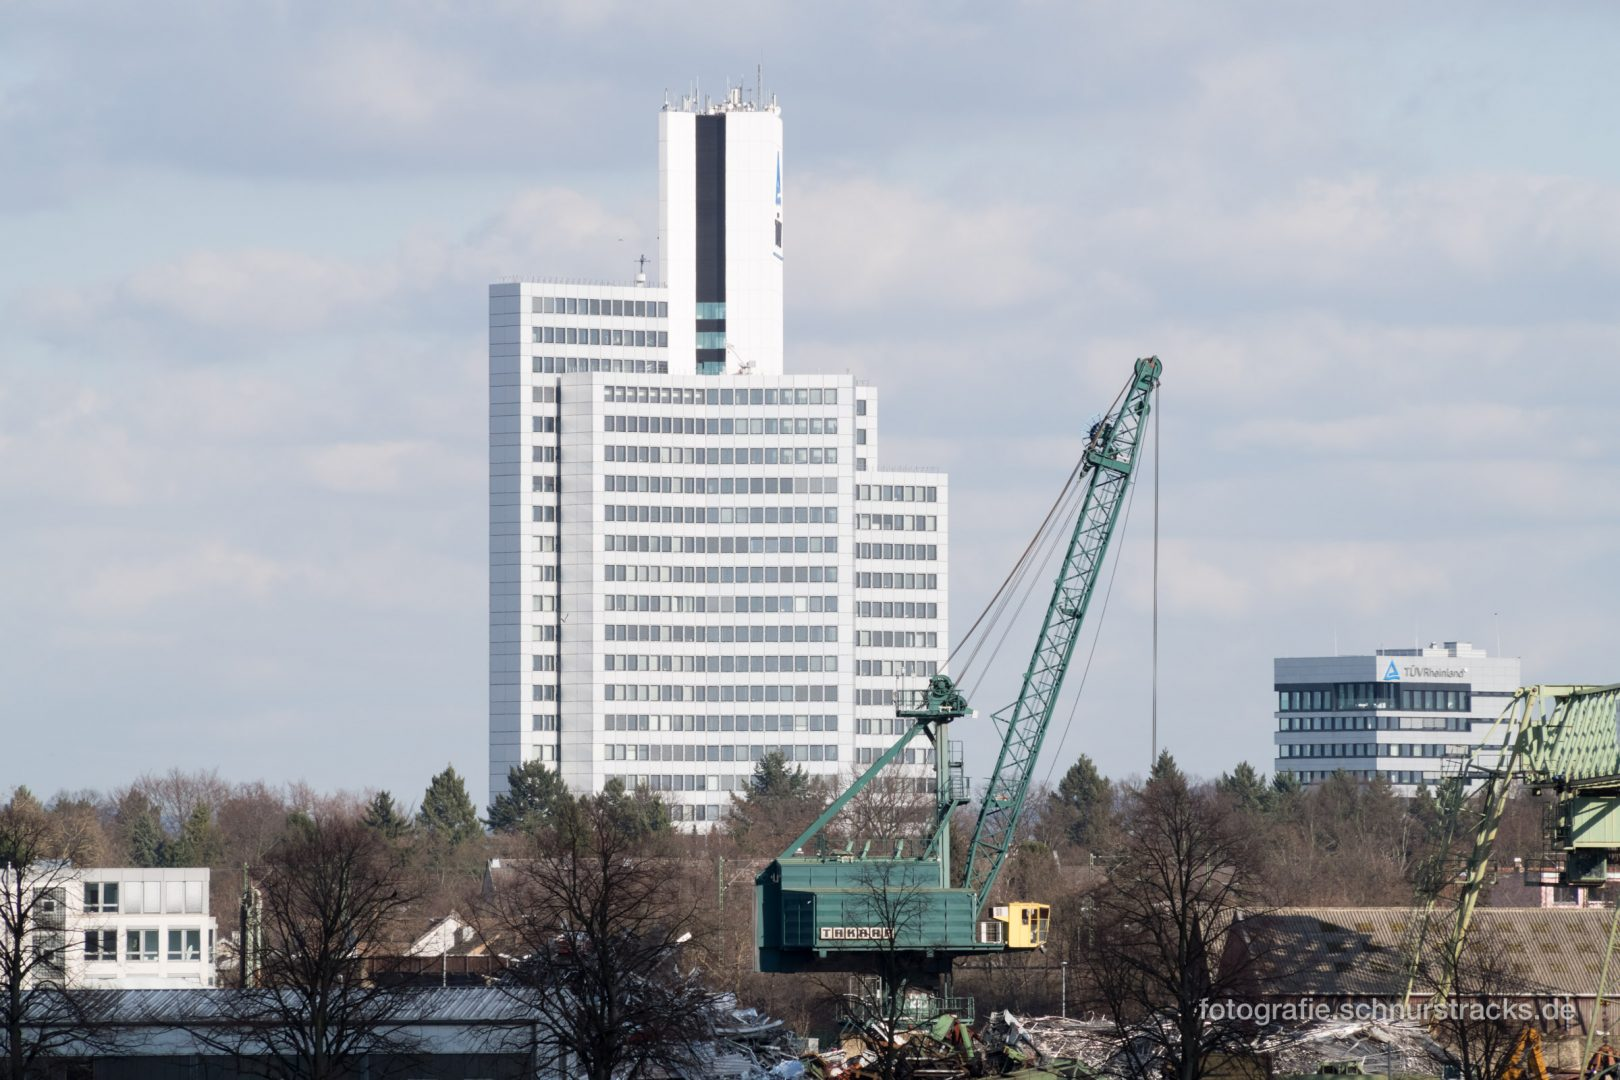 TÜV Rheinland Hochhaus mit Kran #1032